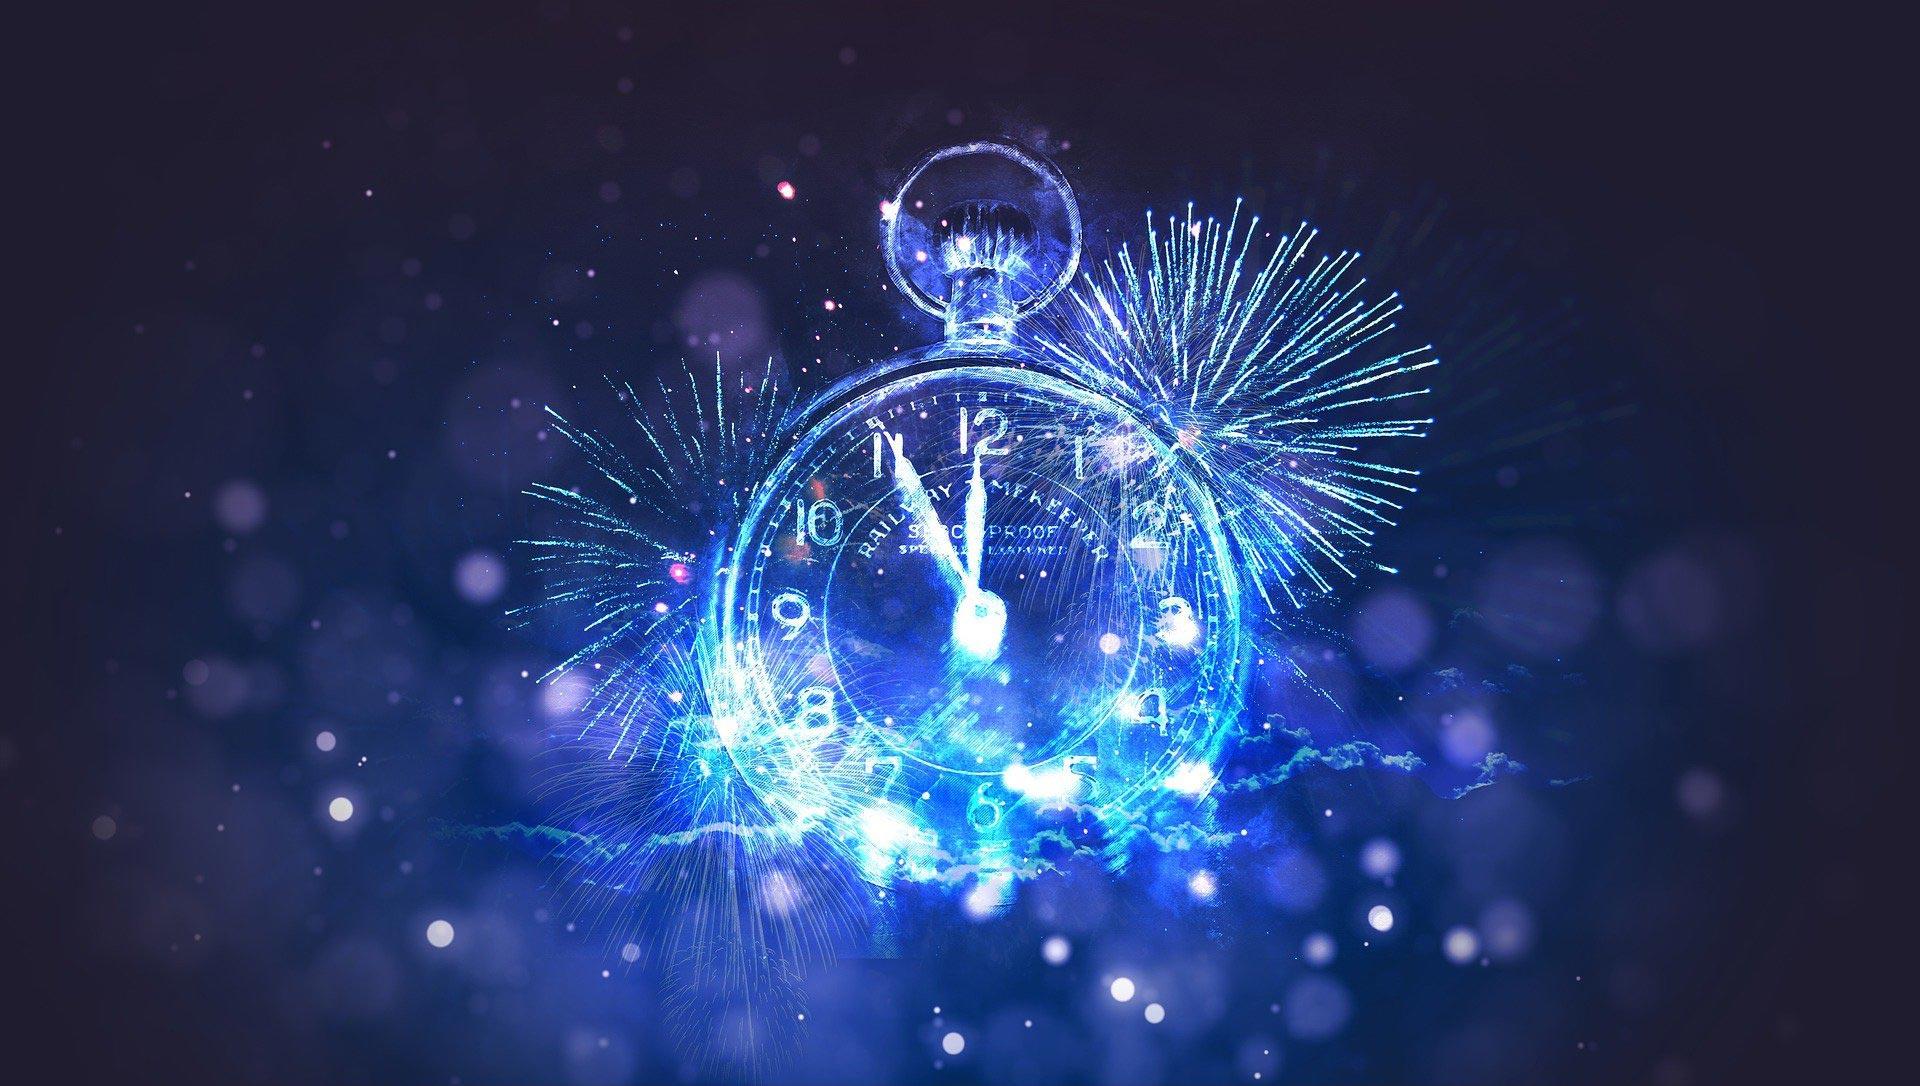 Silvester Happy New Year in Wien 2020 2021 2022